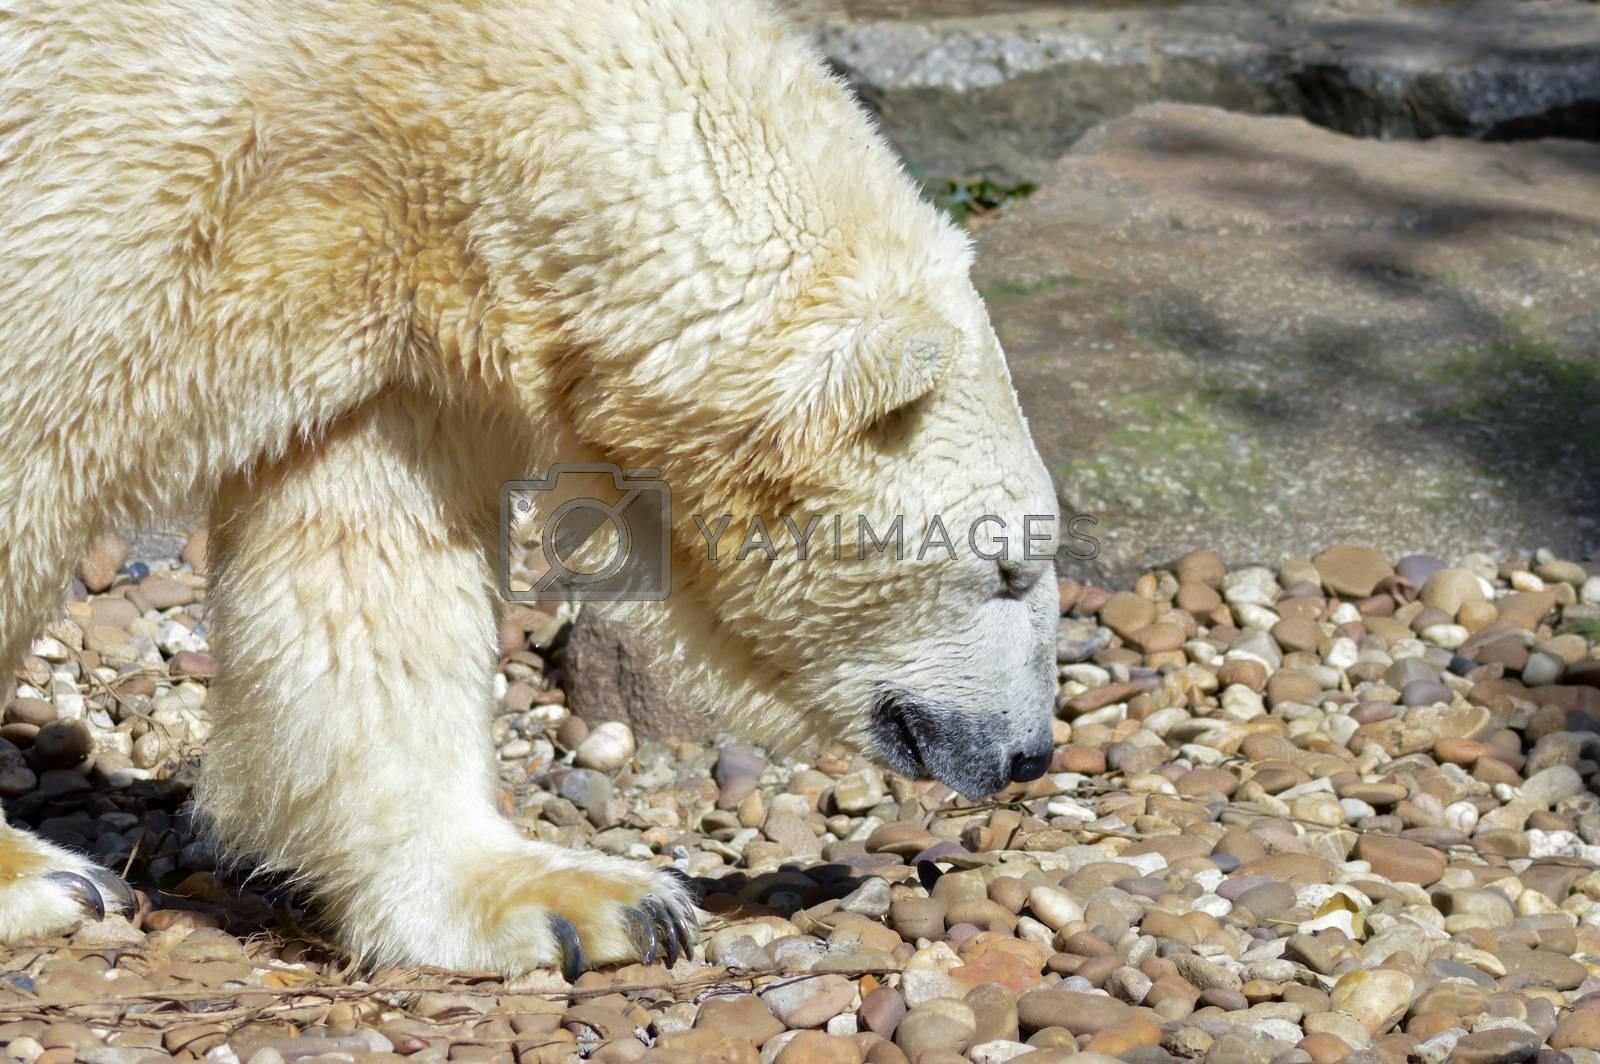 Polar bear on pebbles in an animal park in France